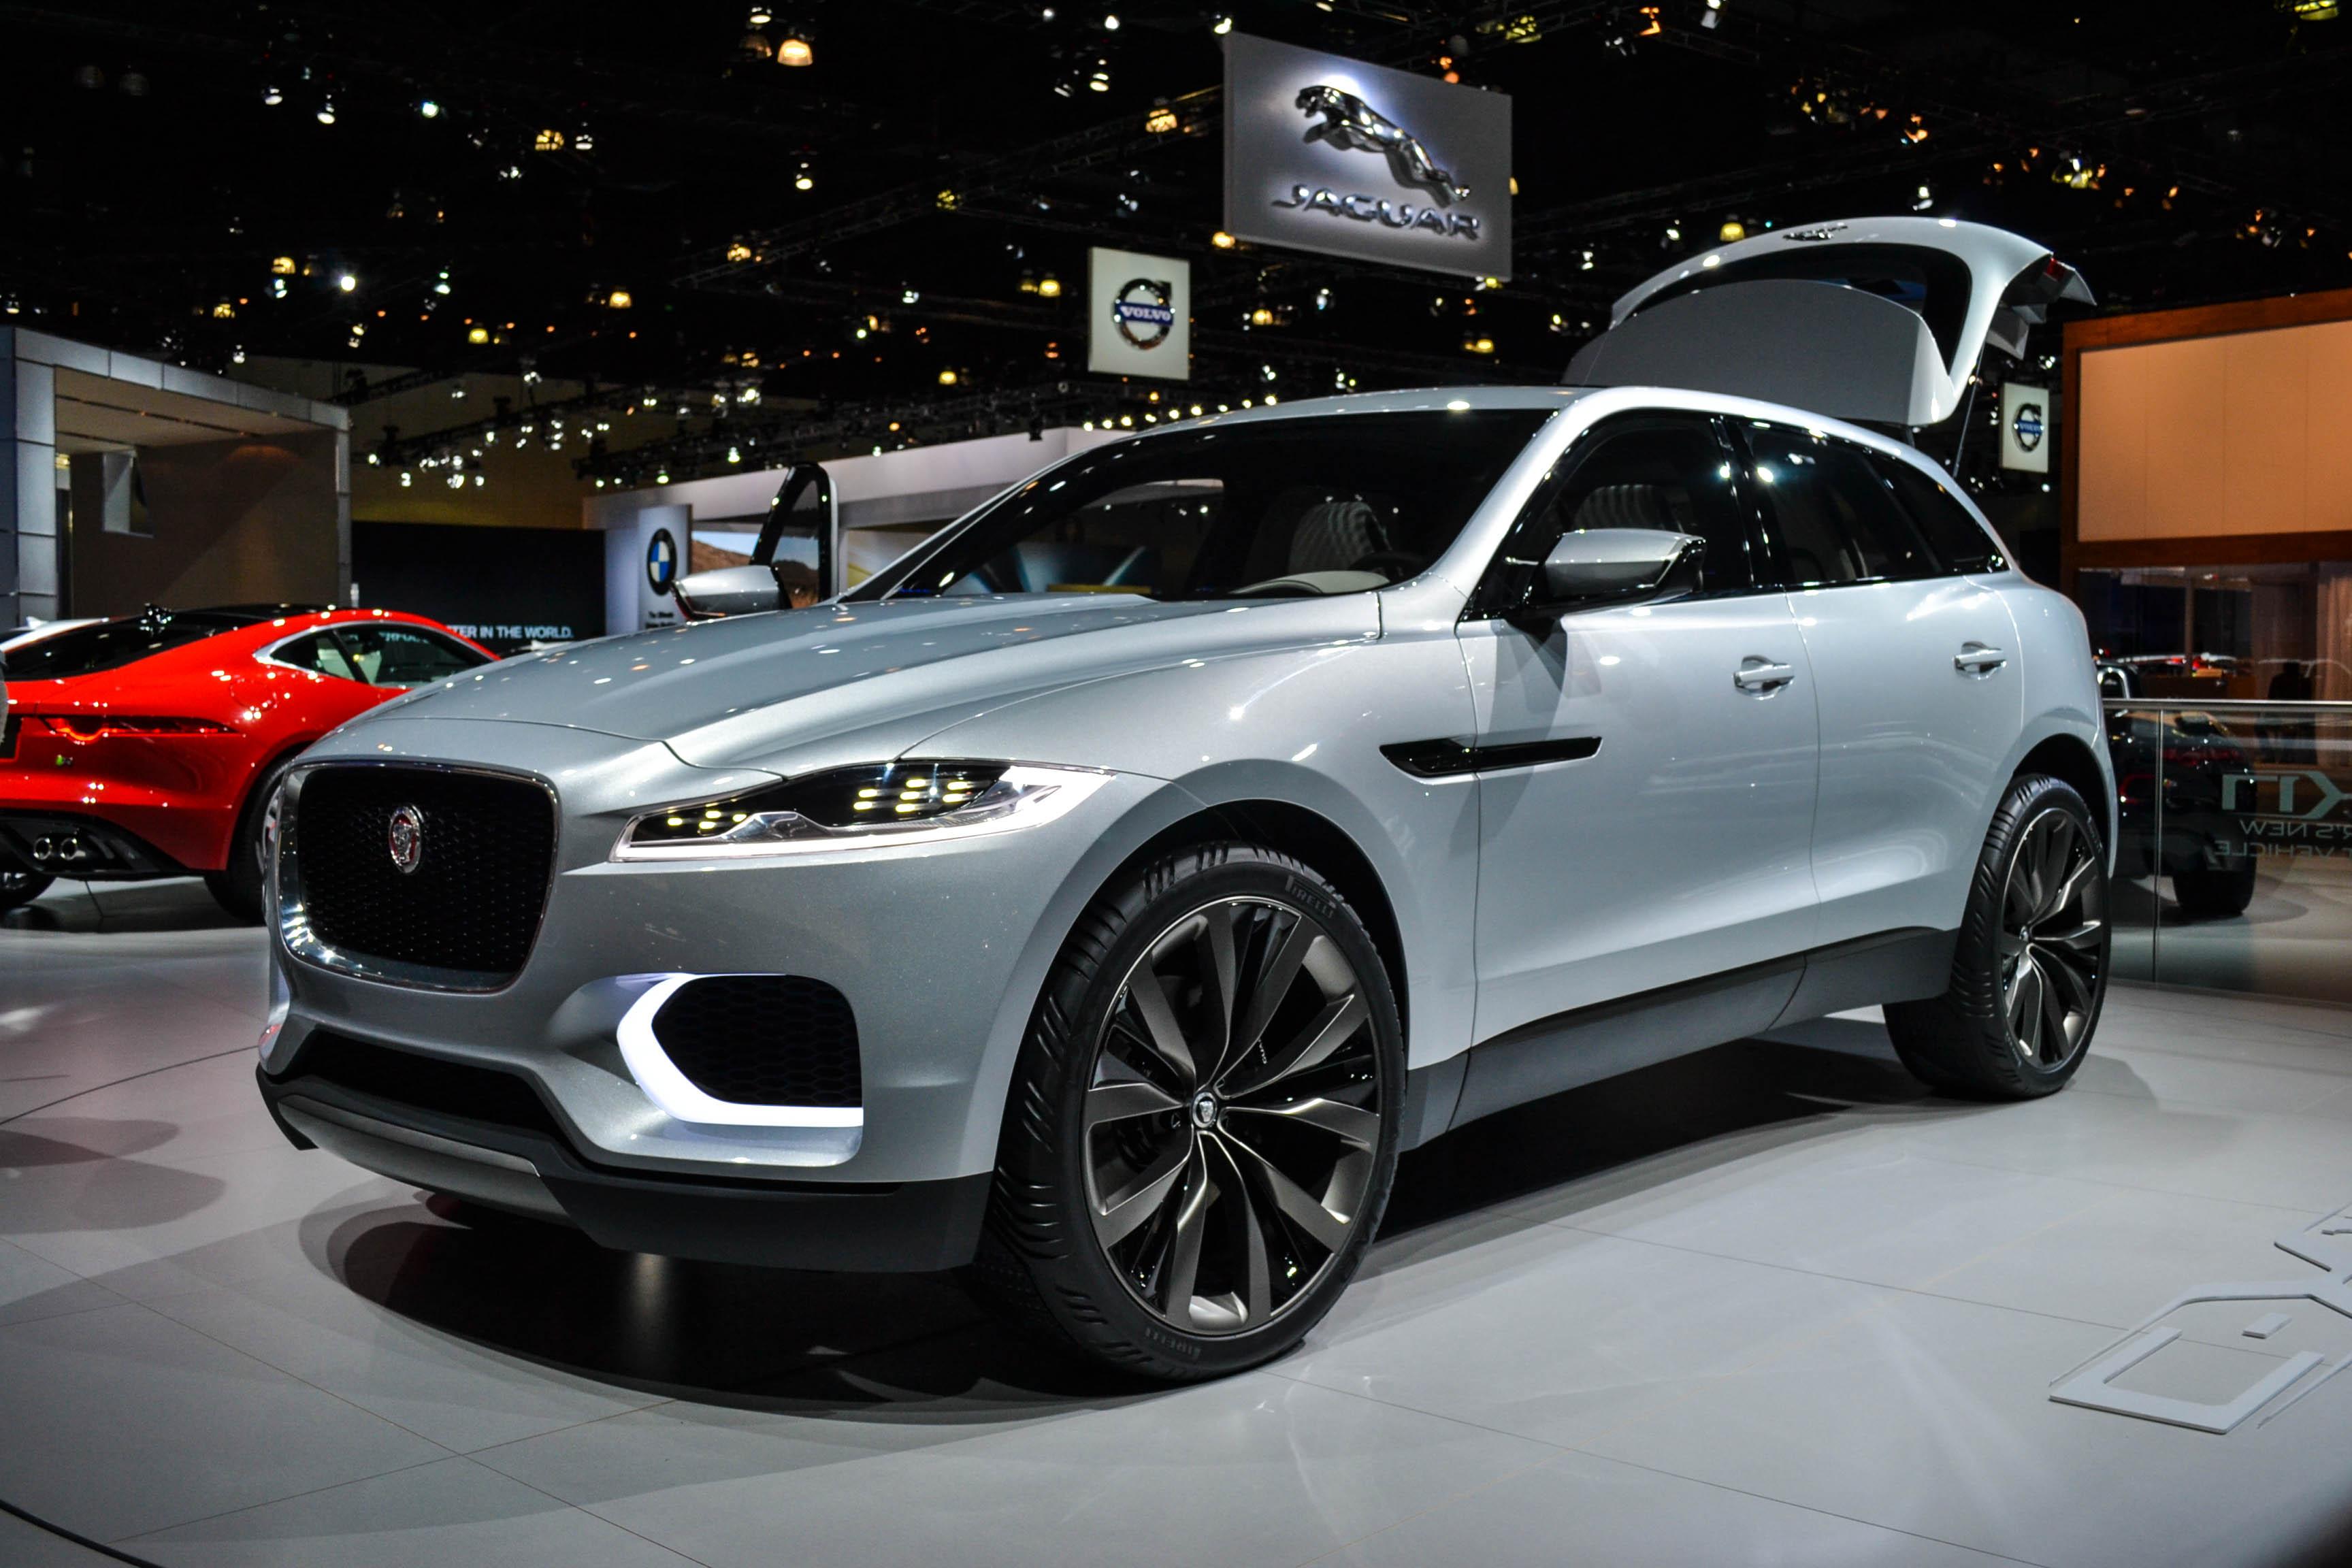 wallpaper preis refinement auto s rx jaguar for x lexus suv pace f price best